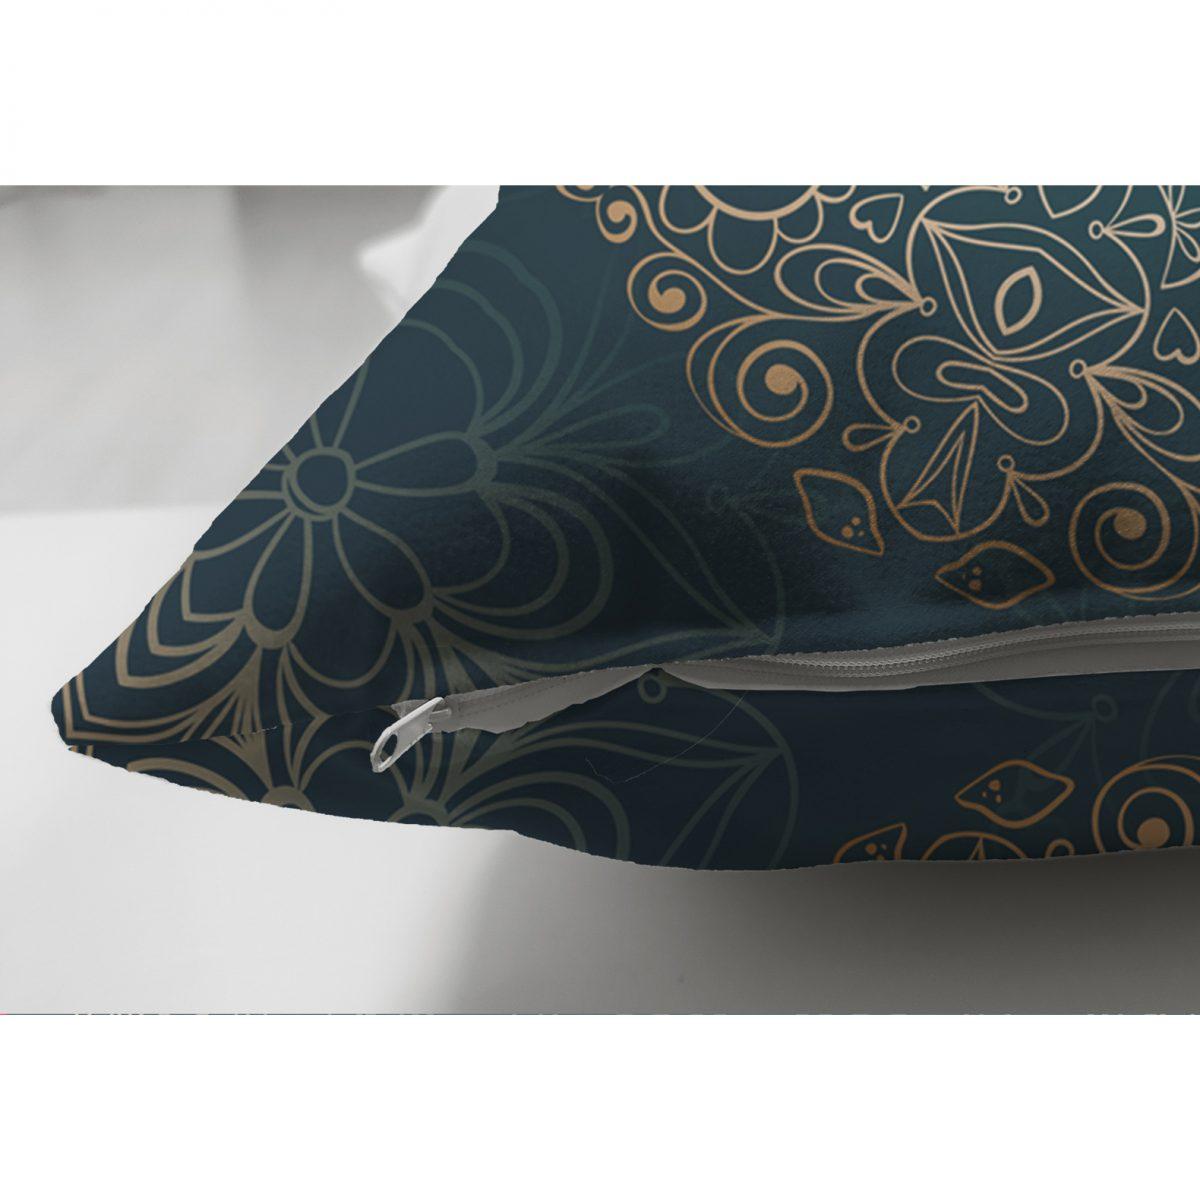 Lacivet Desenli Gold Mandla Motifli Çift Taraflı Dekoratif Süet Yastık Kılıfı Realhomes